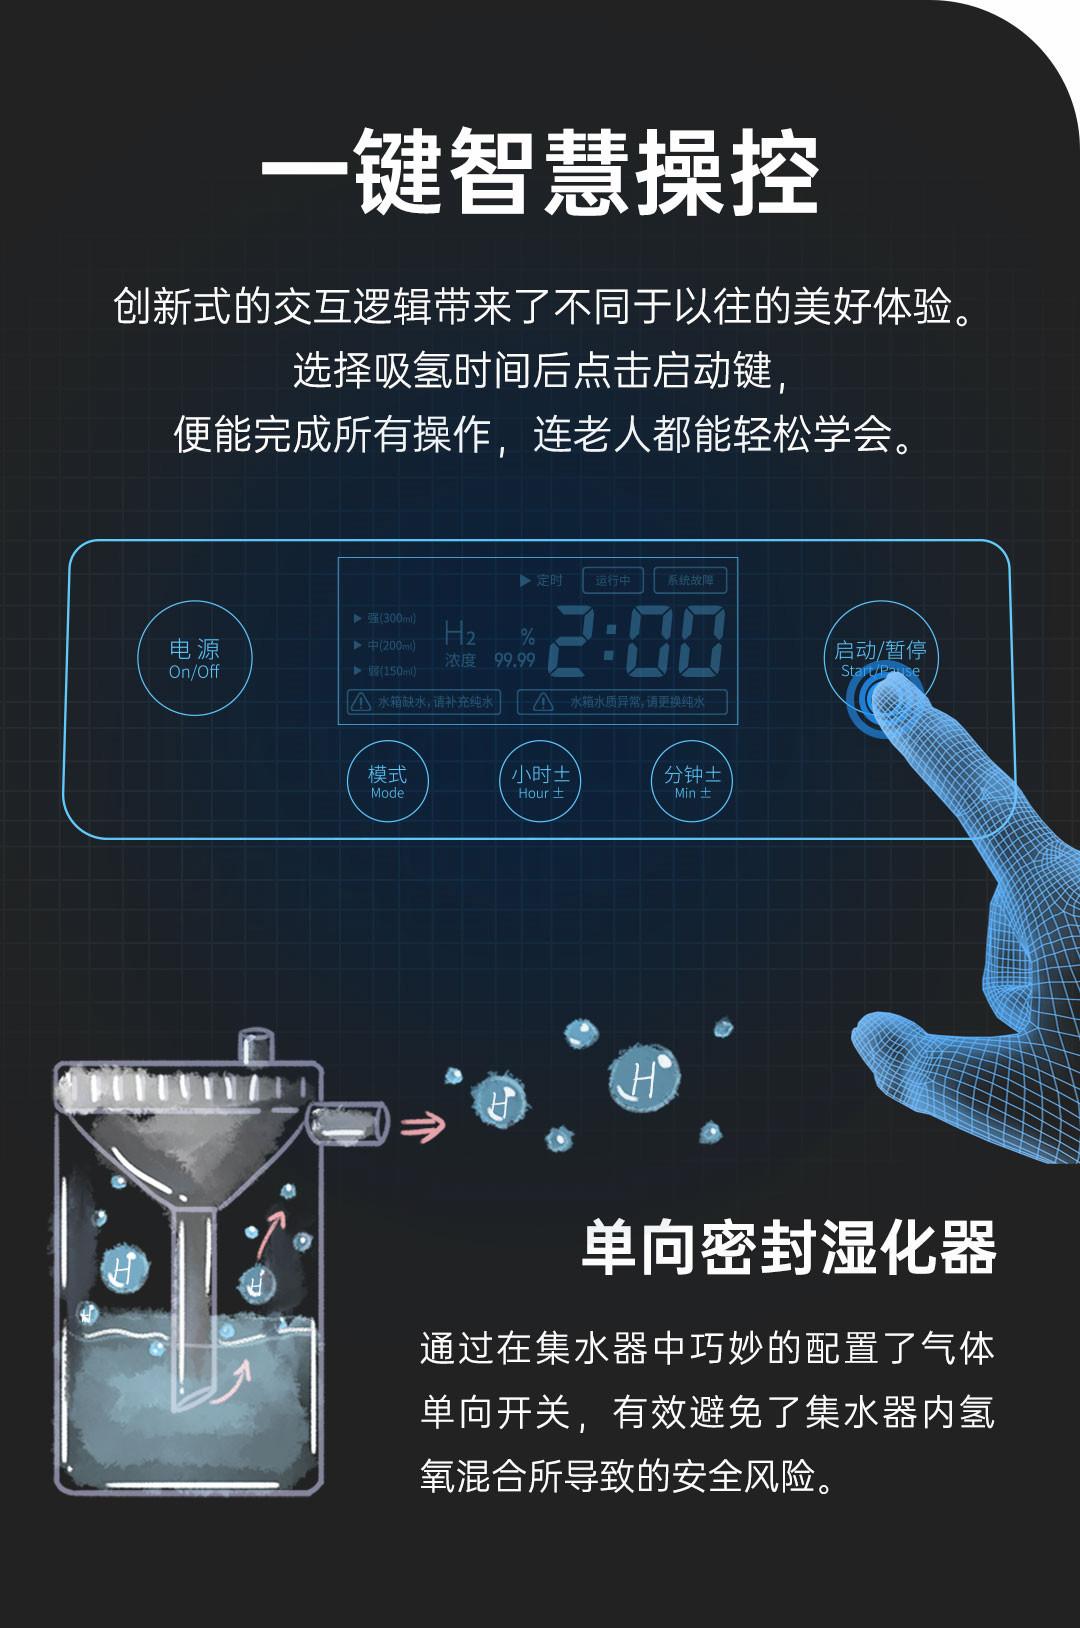 300吸氢机改版详情页_09.jpg